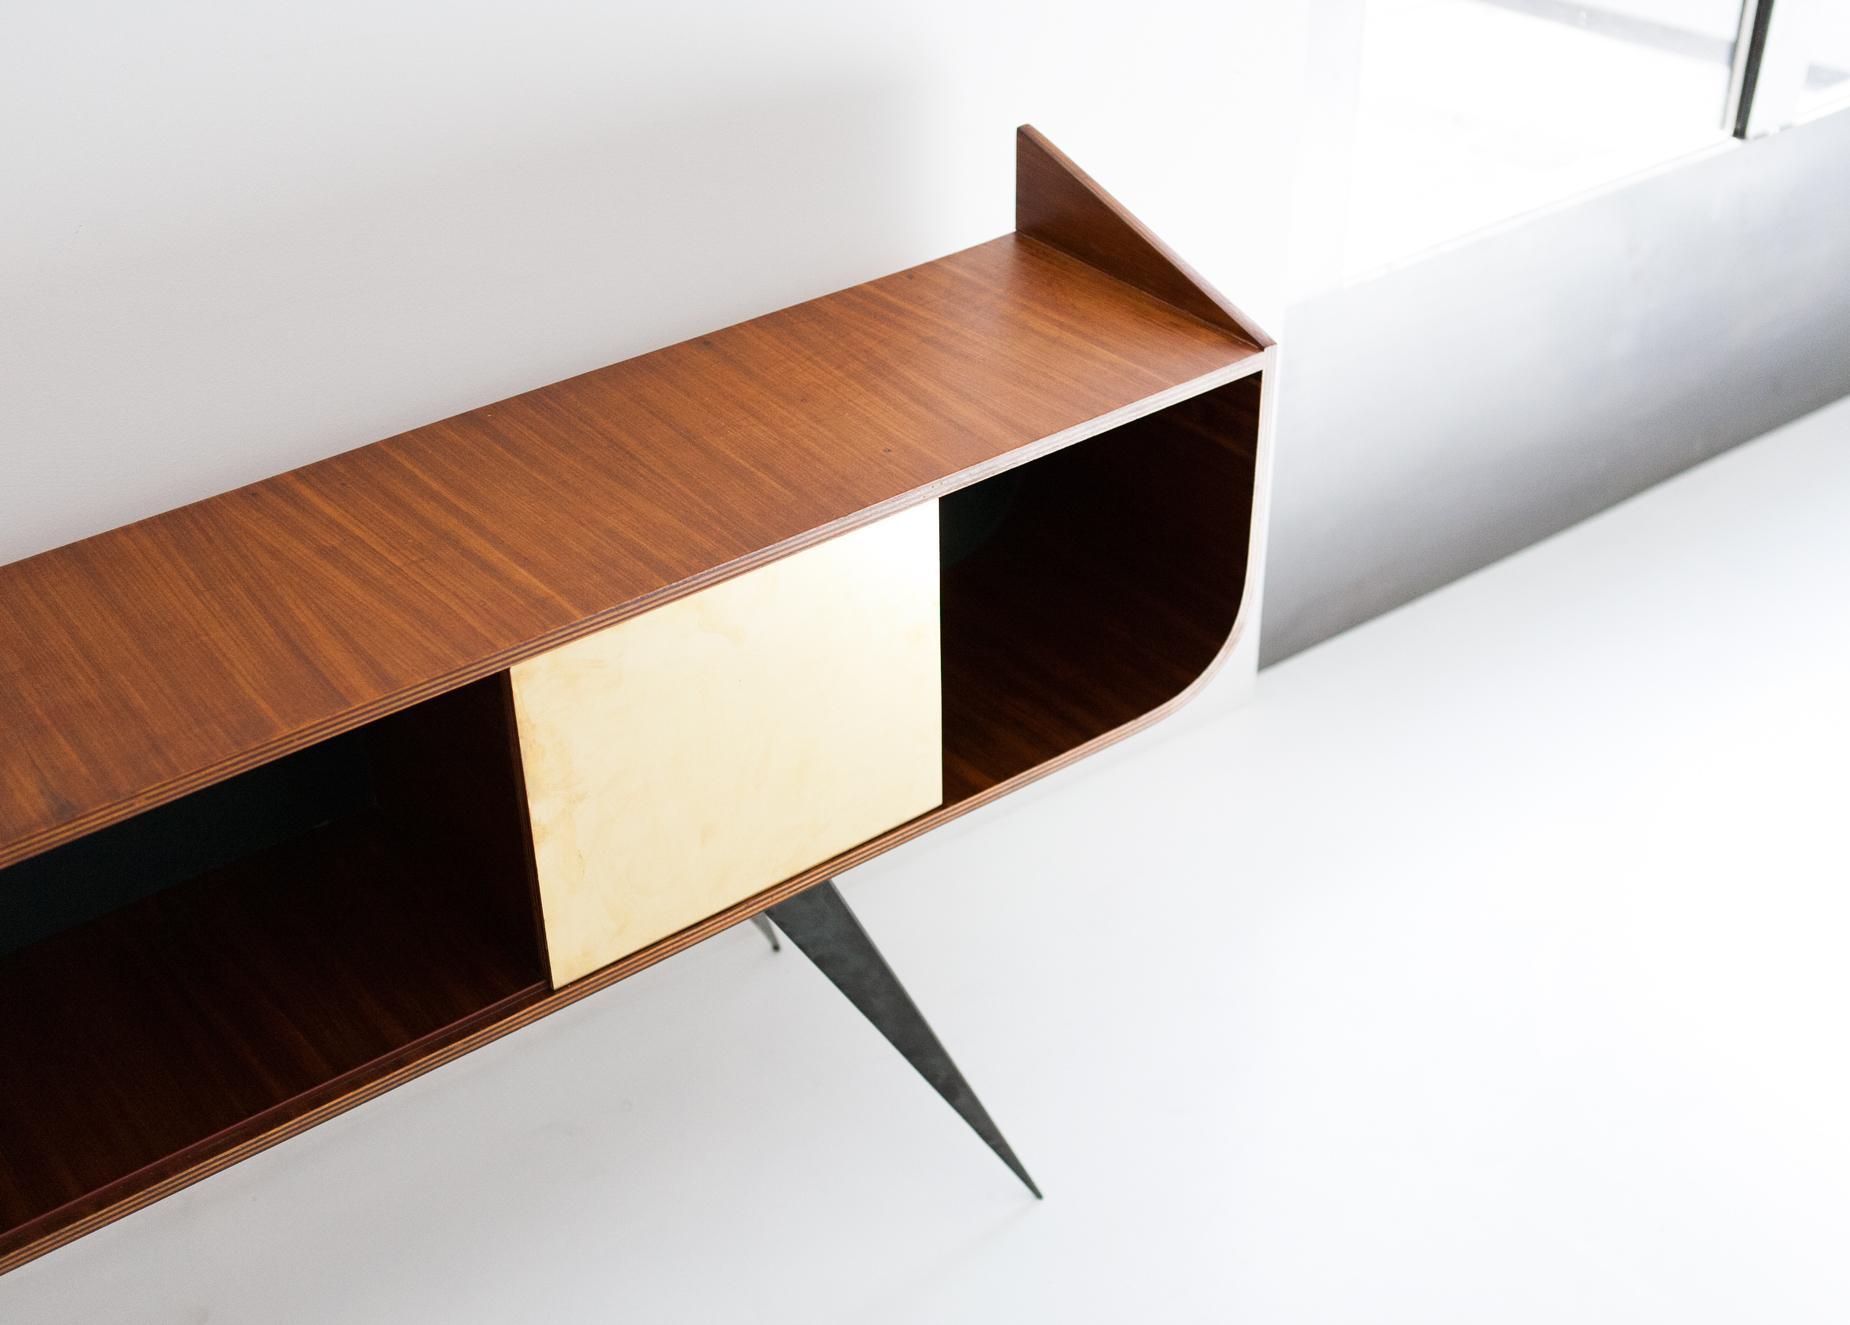 sideboard 75 2 retro4m. Black Bedroom Furniture Sets. Home Design Ideas